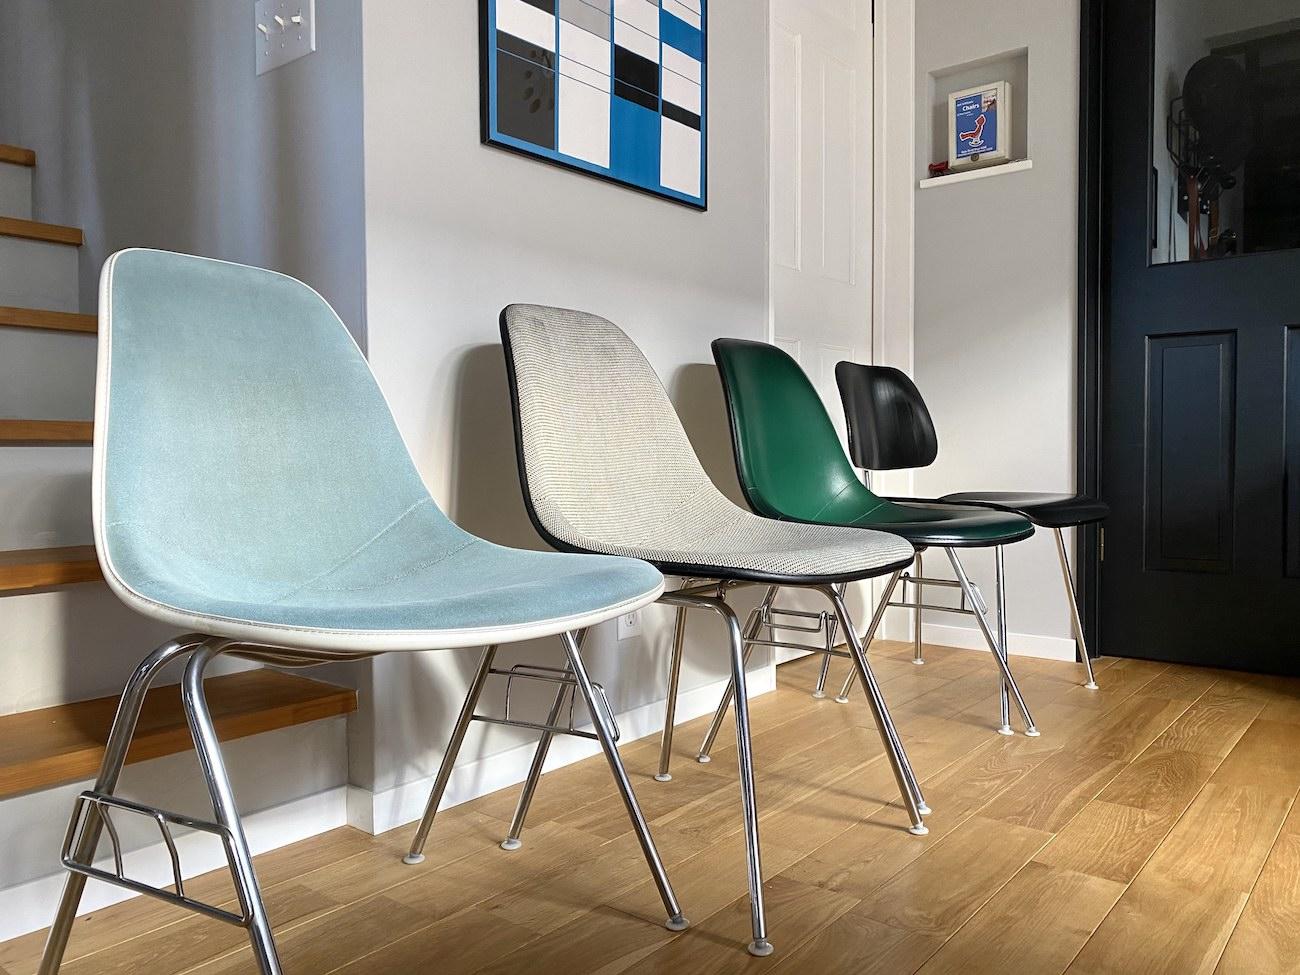 溺愛する椅子たちにベストな空間を。夫婦2人暮らしなのに3LDK+書斎の家を建てました【趣味と家】